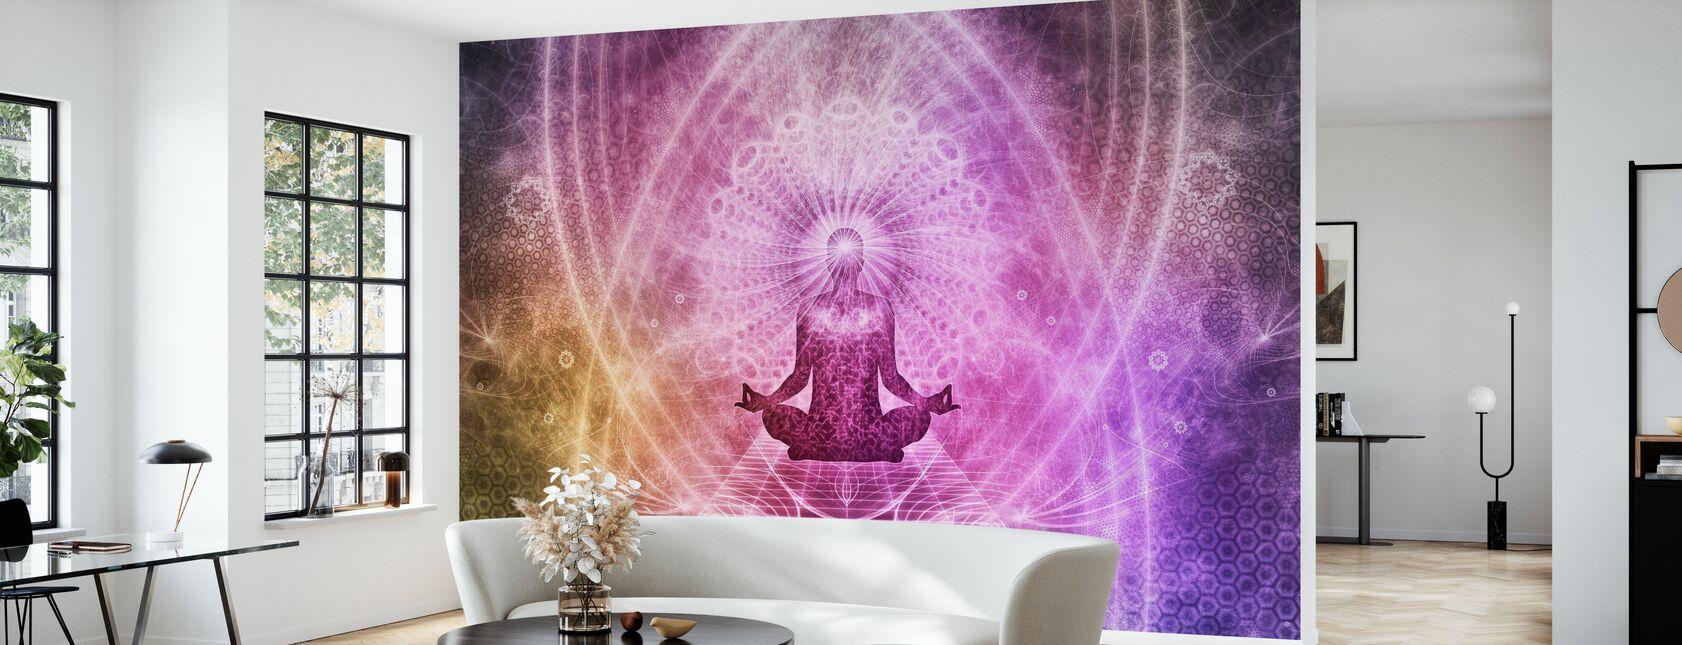 Spirituelle Meditation - Tapete - Wohnzimmer